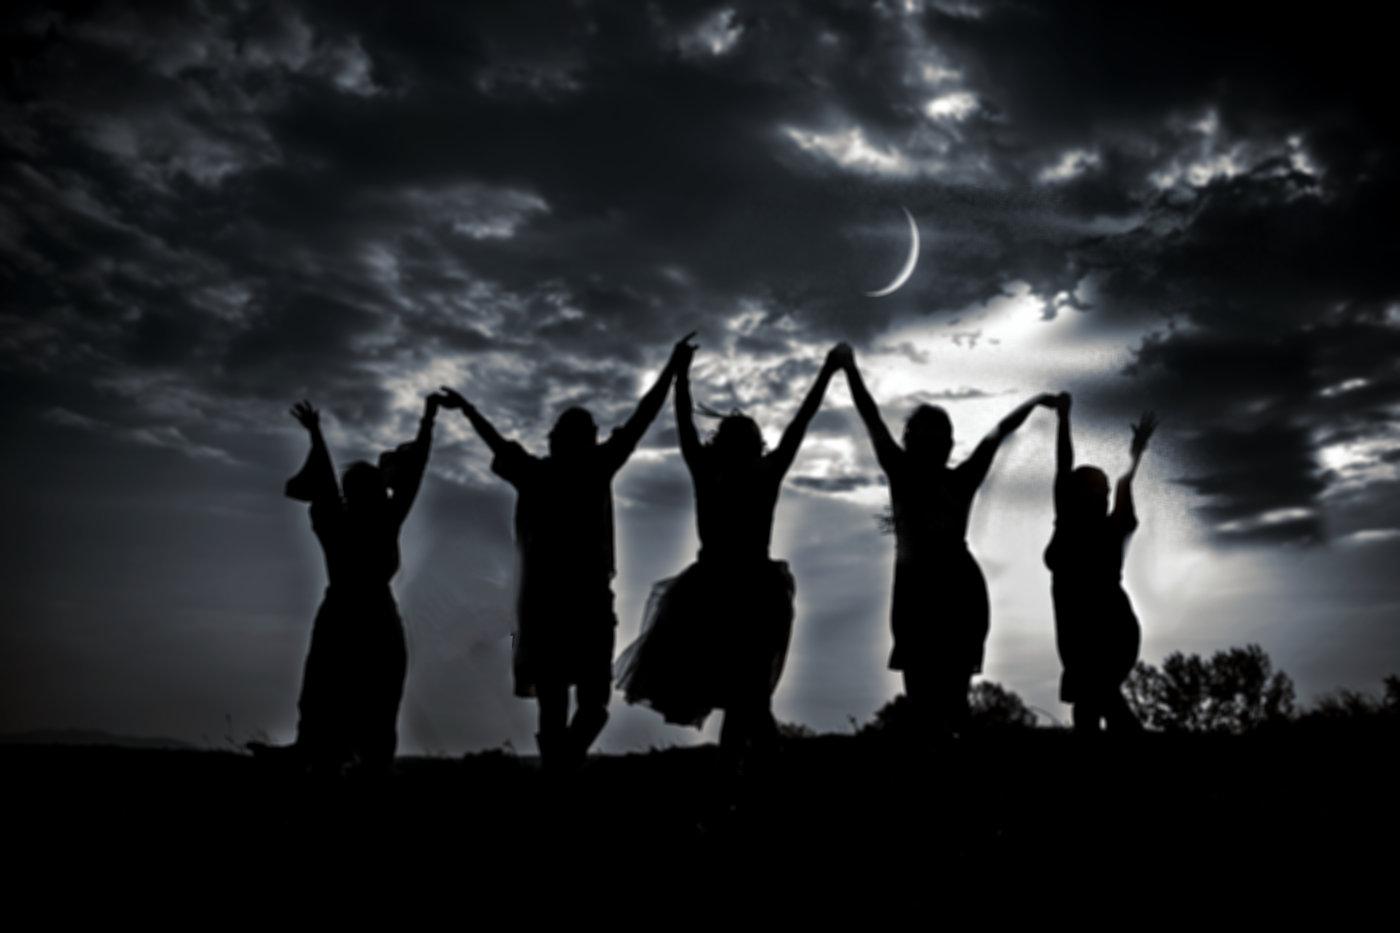 Woman dancing under moon